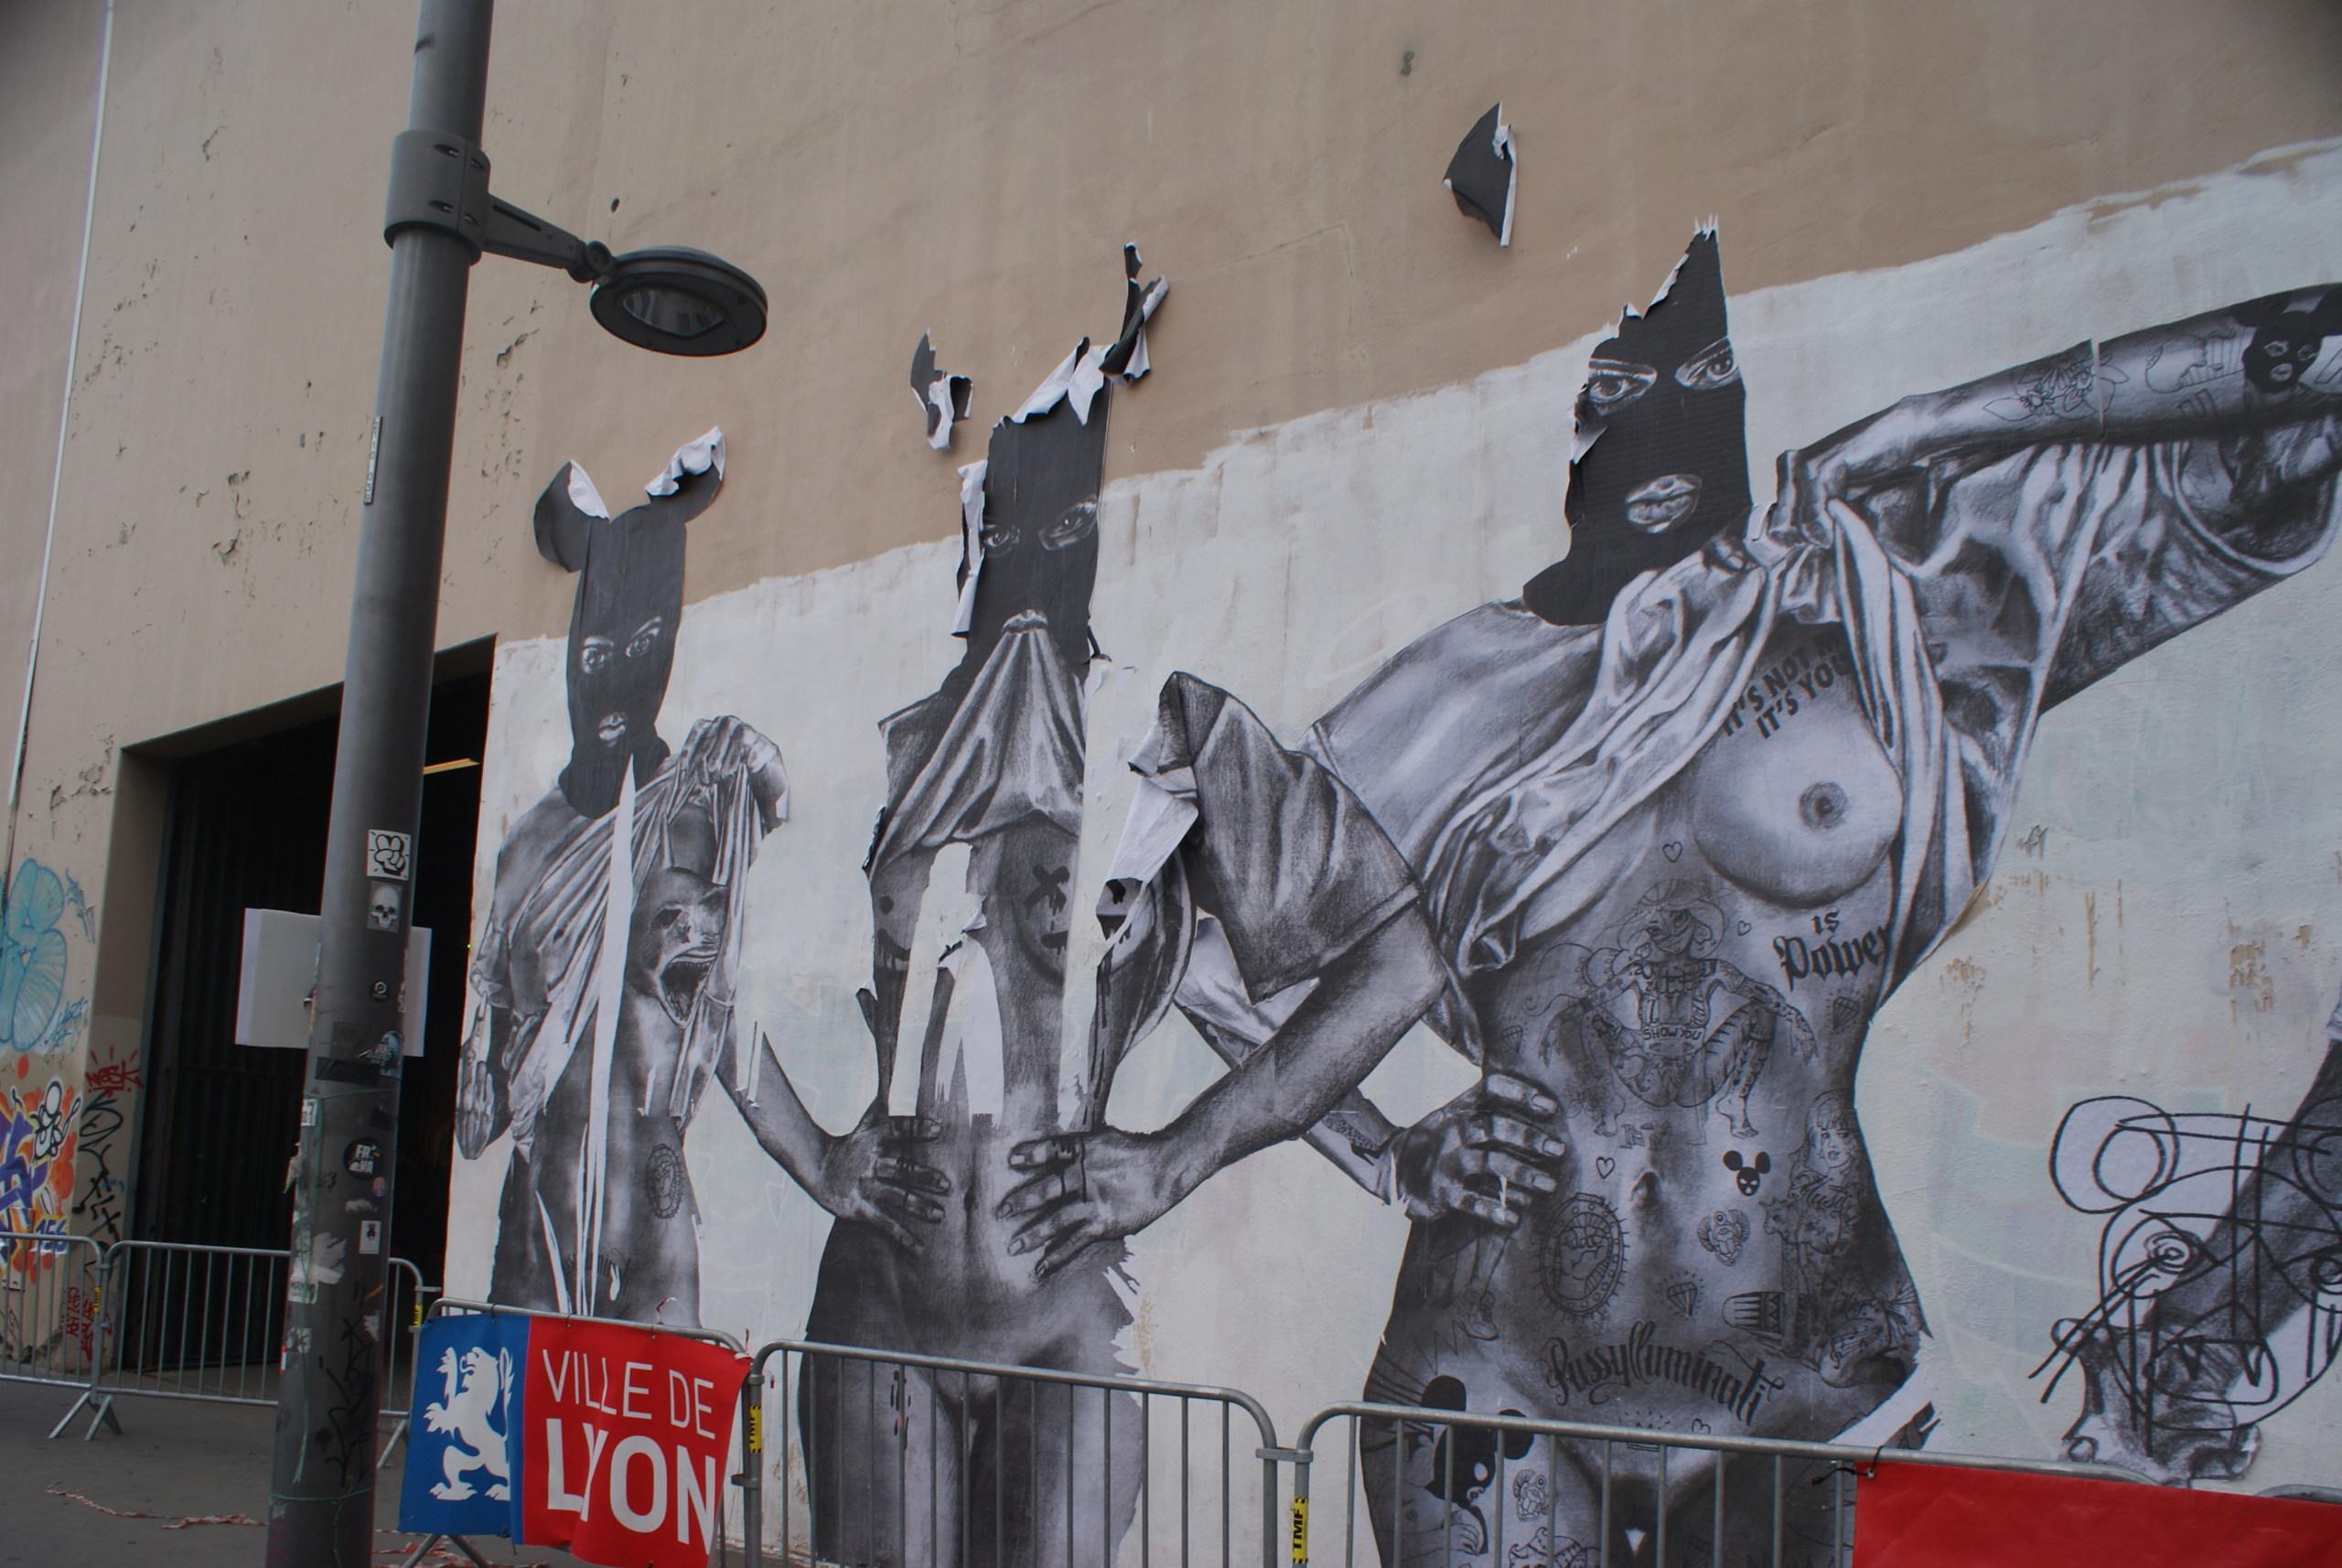 [street art-rue et manifs] Peinture fraîche, à Lyon 2019 et 2020 - Page 3 Dsc05012